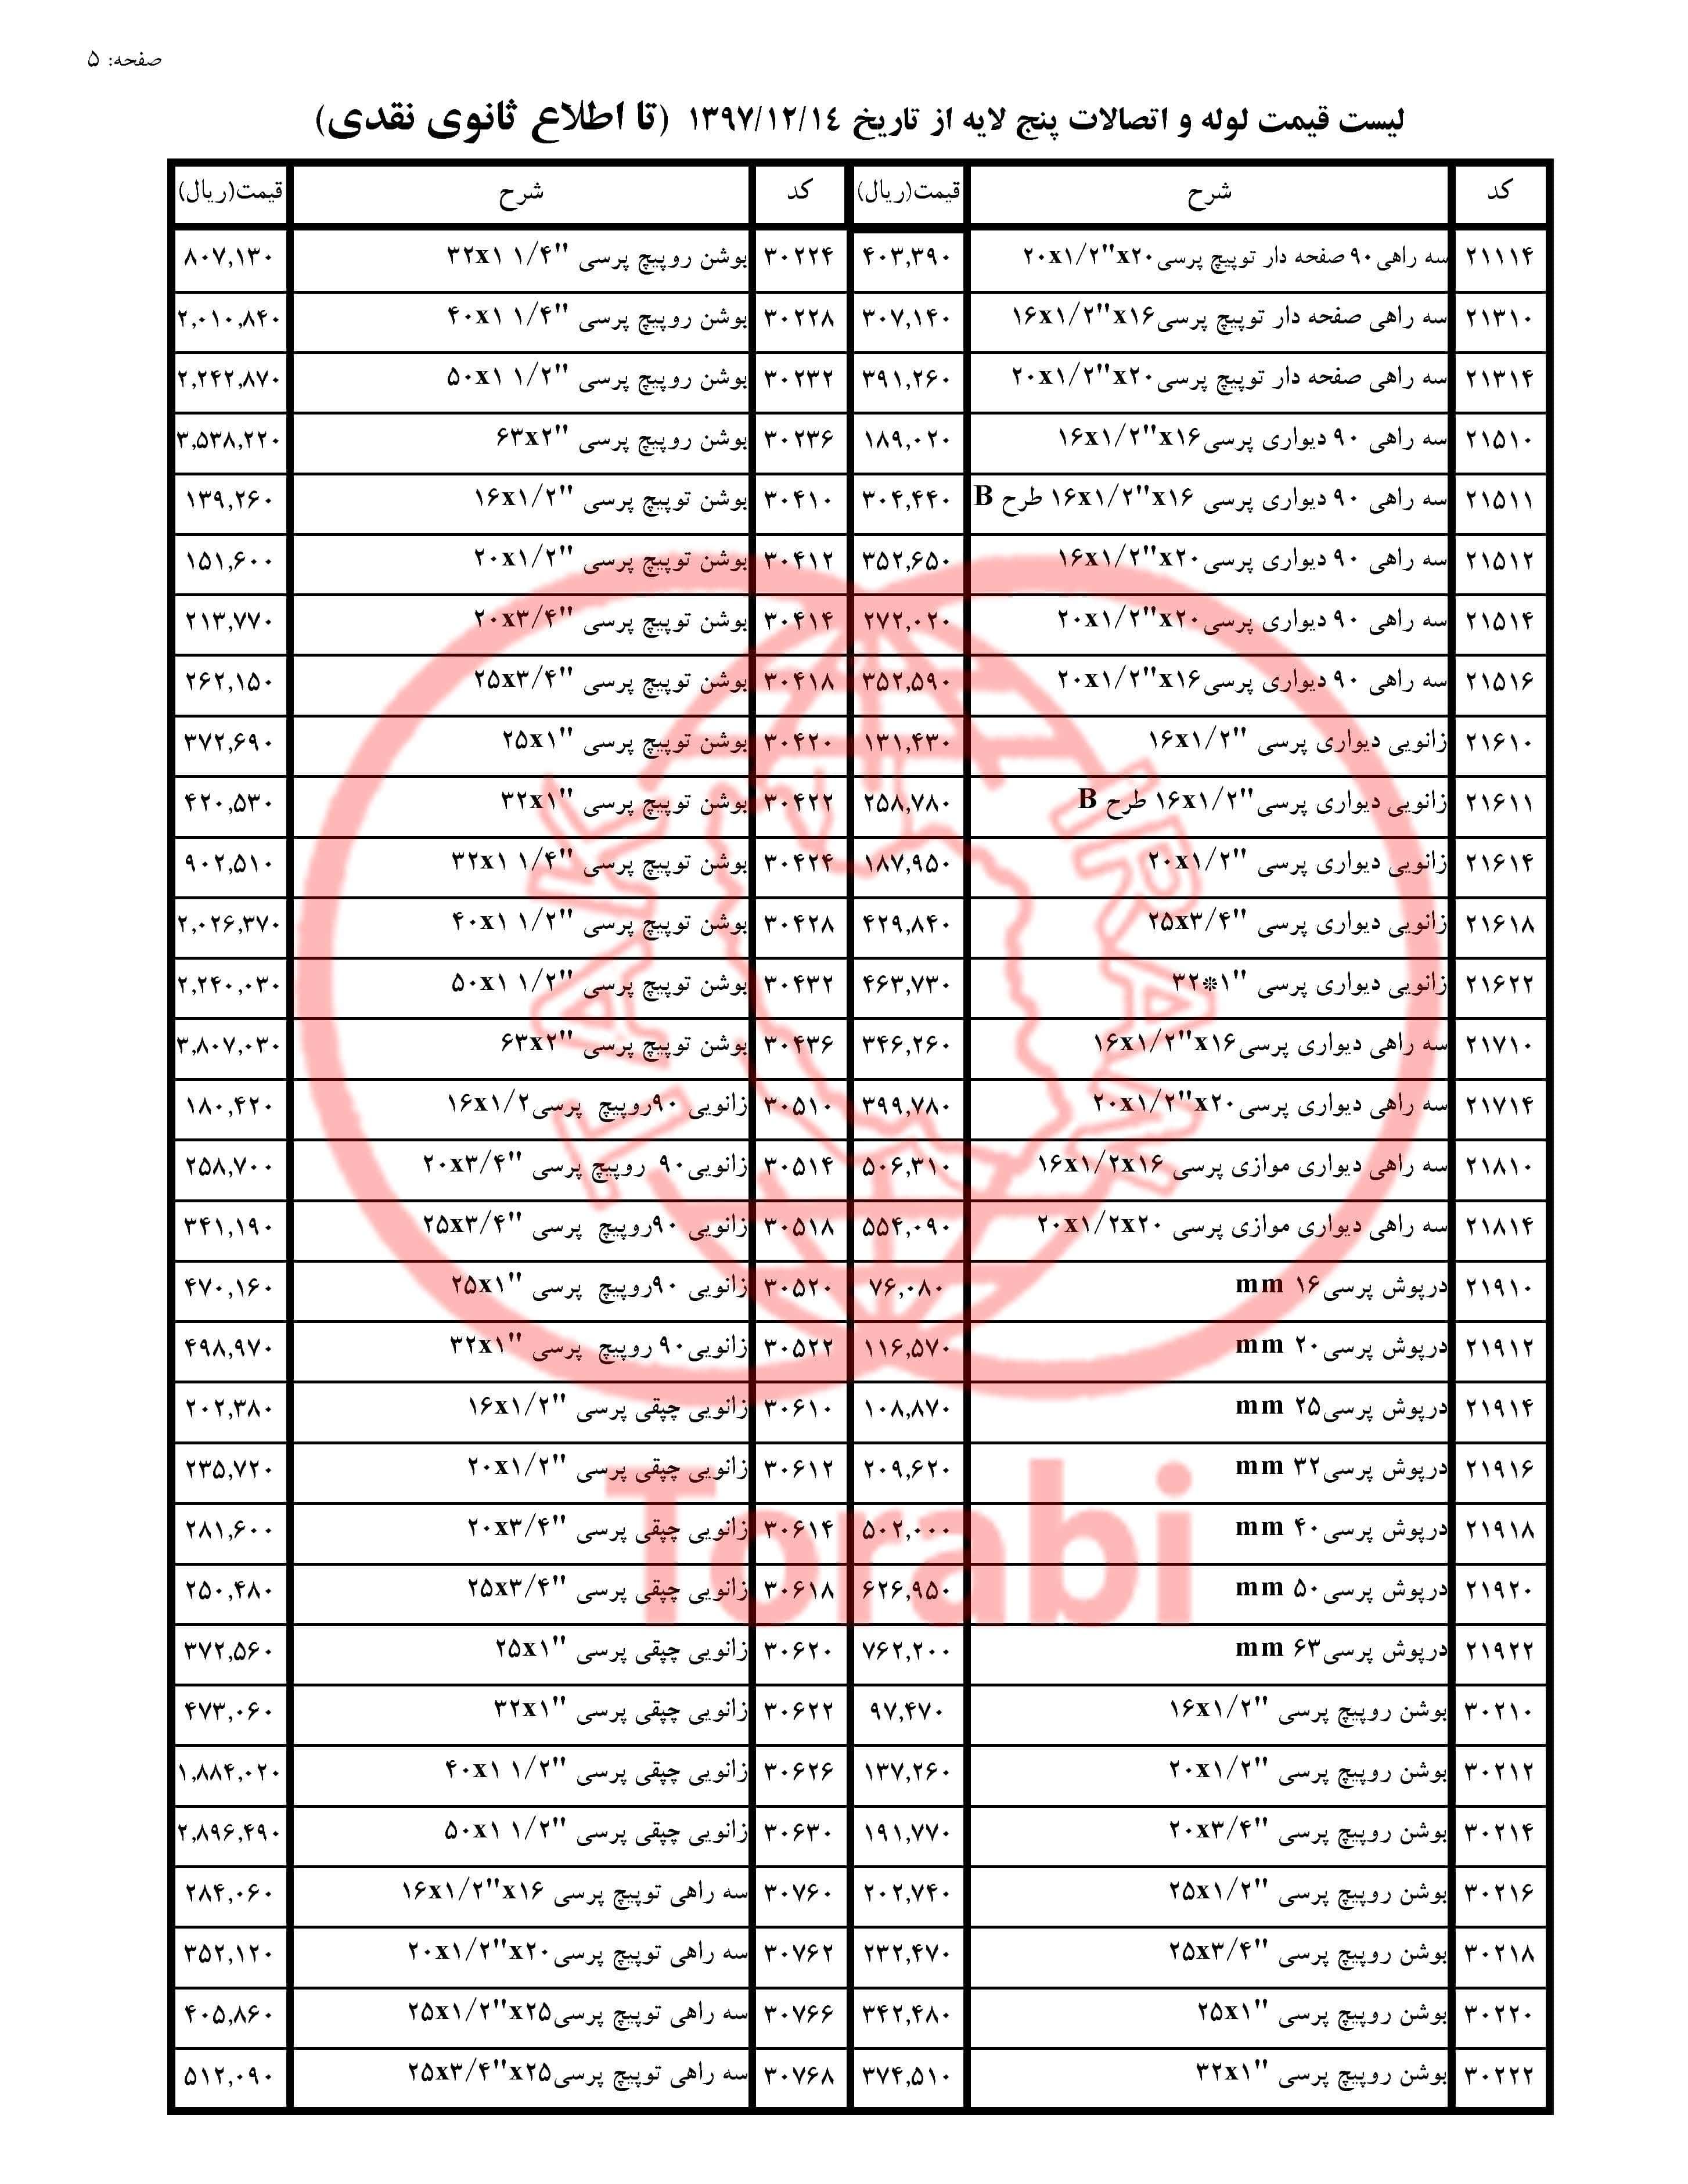 لیست قیمت پنج لایه نیوپایپ 97/12/14 صفحه 5